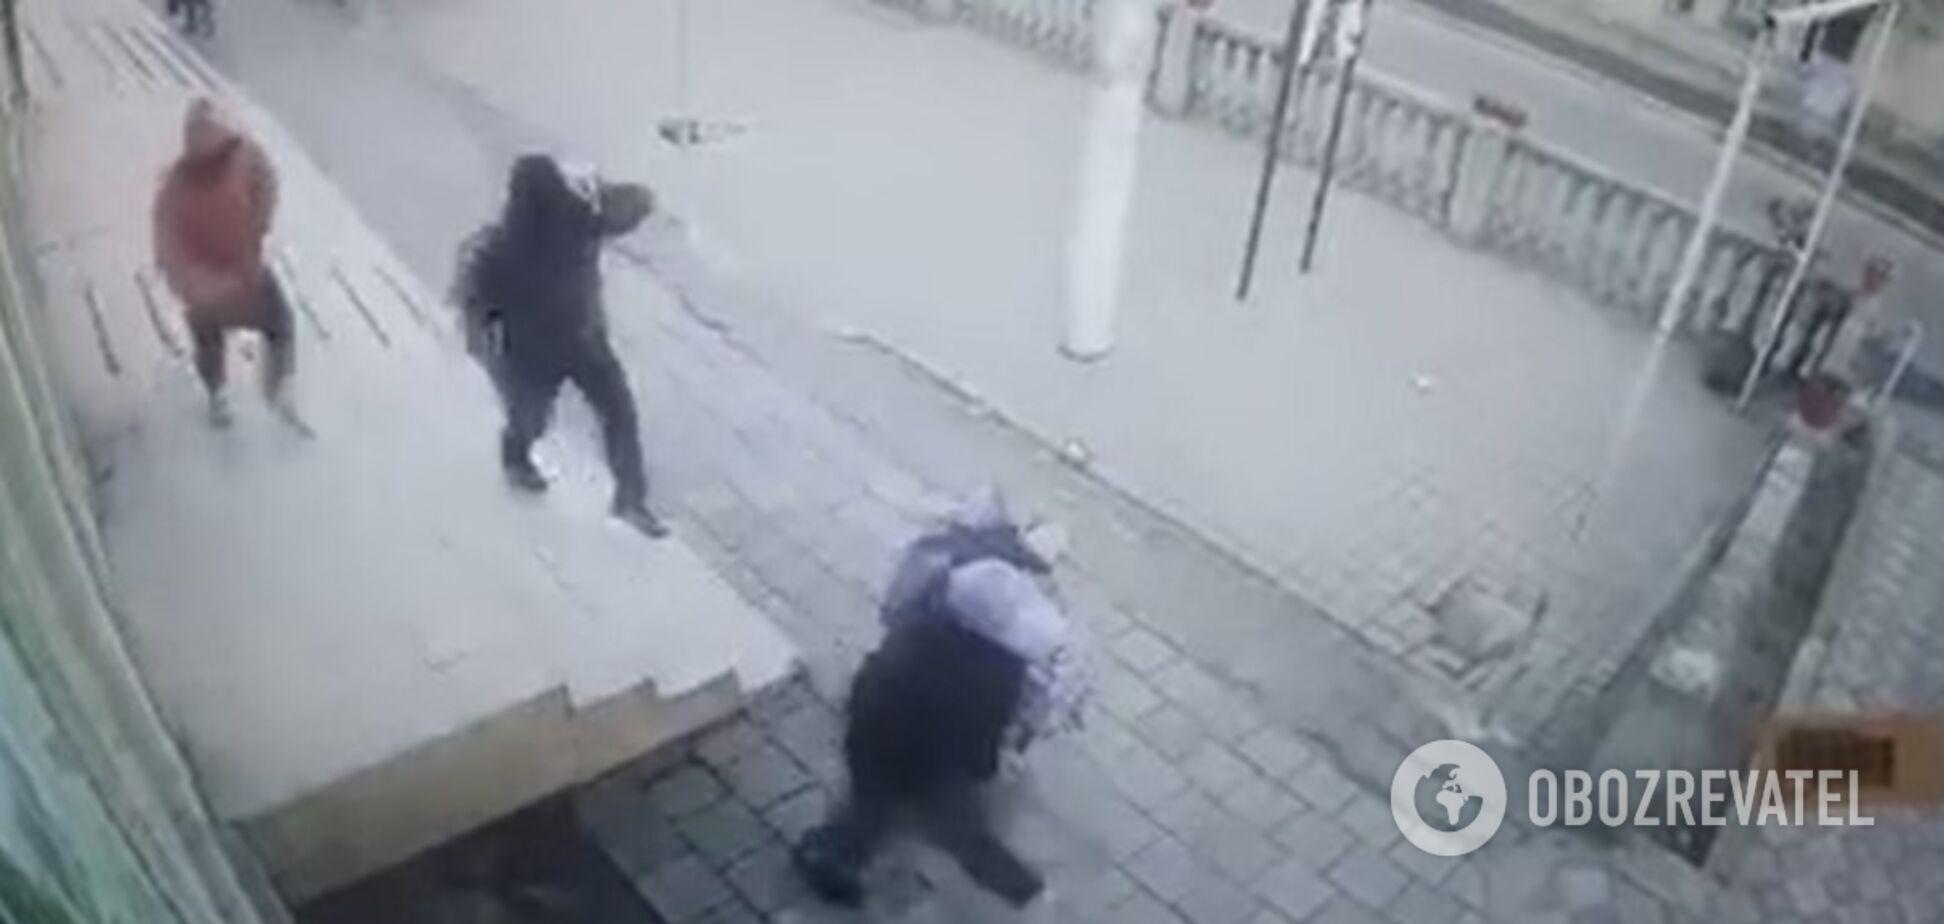 Ограбление ювелирного магазина в Татарбунарах